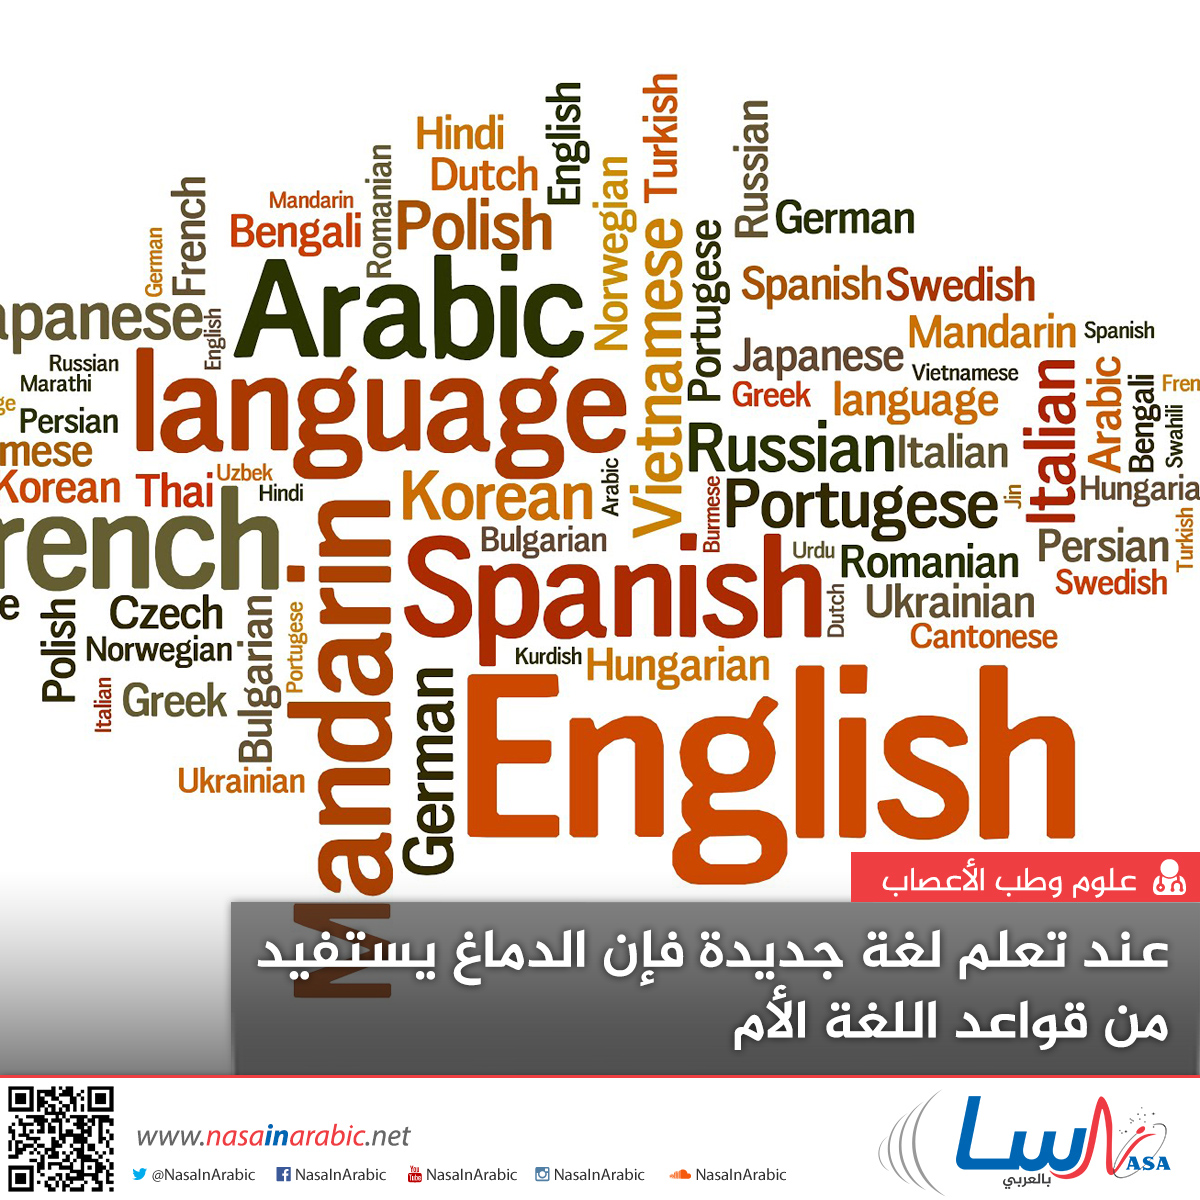 عند تعلم لغة جديدة فإن الدماغ يستفيد من قواعد اللغة الأم